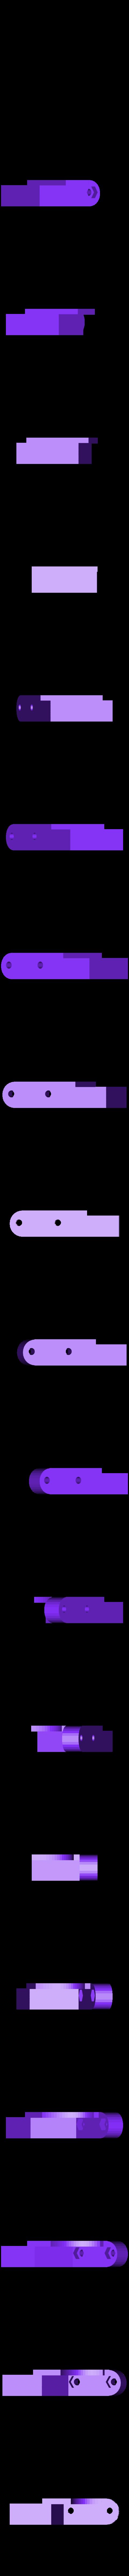 pied bltouch.STL Download free STL file Direct Drive- E3DV6- Bondtech (right)-Bltouch • 3D printer template, kim_razor